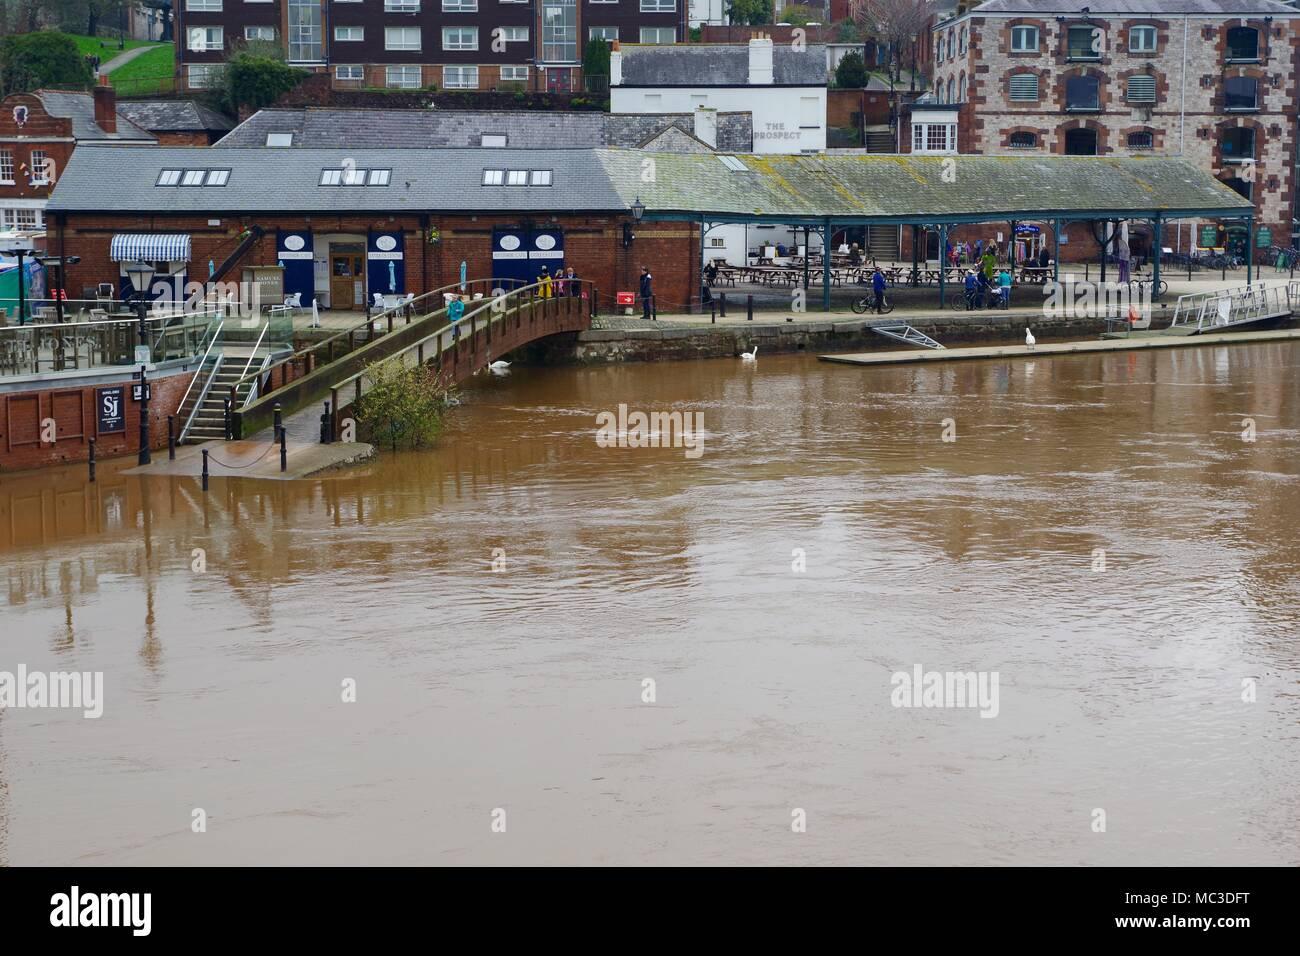 Exeter Quay, Centre d'antiquités de la rivière Exe dans l'inondation. Exeter, Devon, UK. Avril, 2018. Banque D'Images